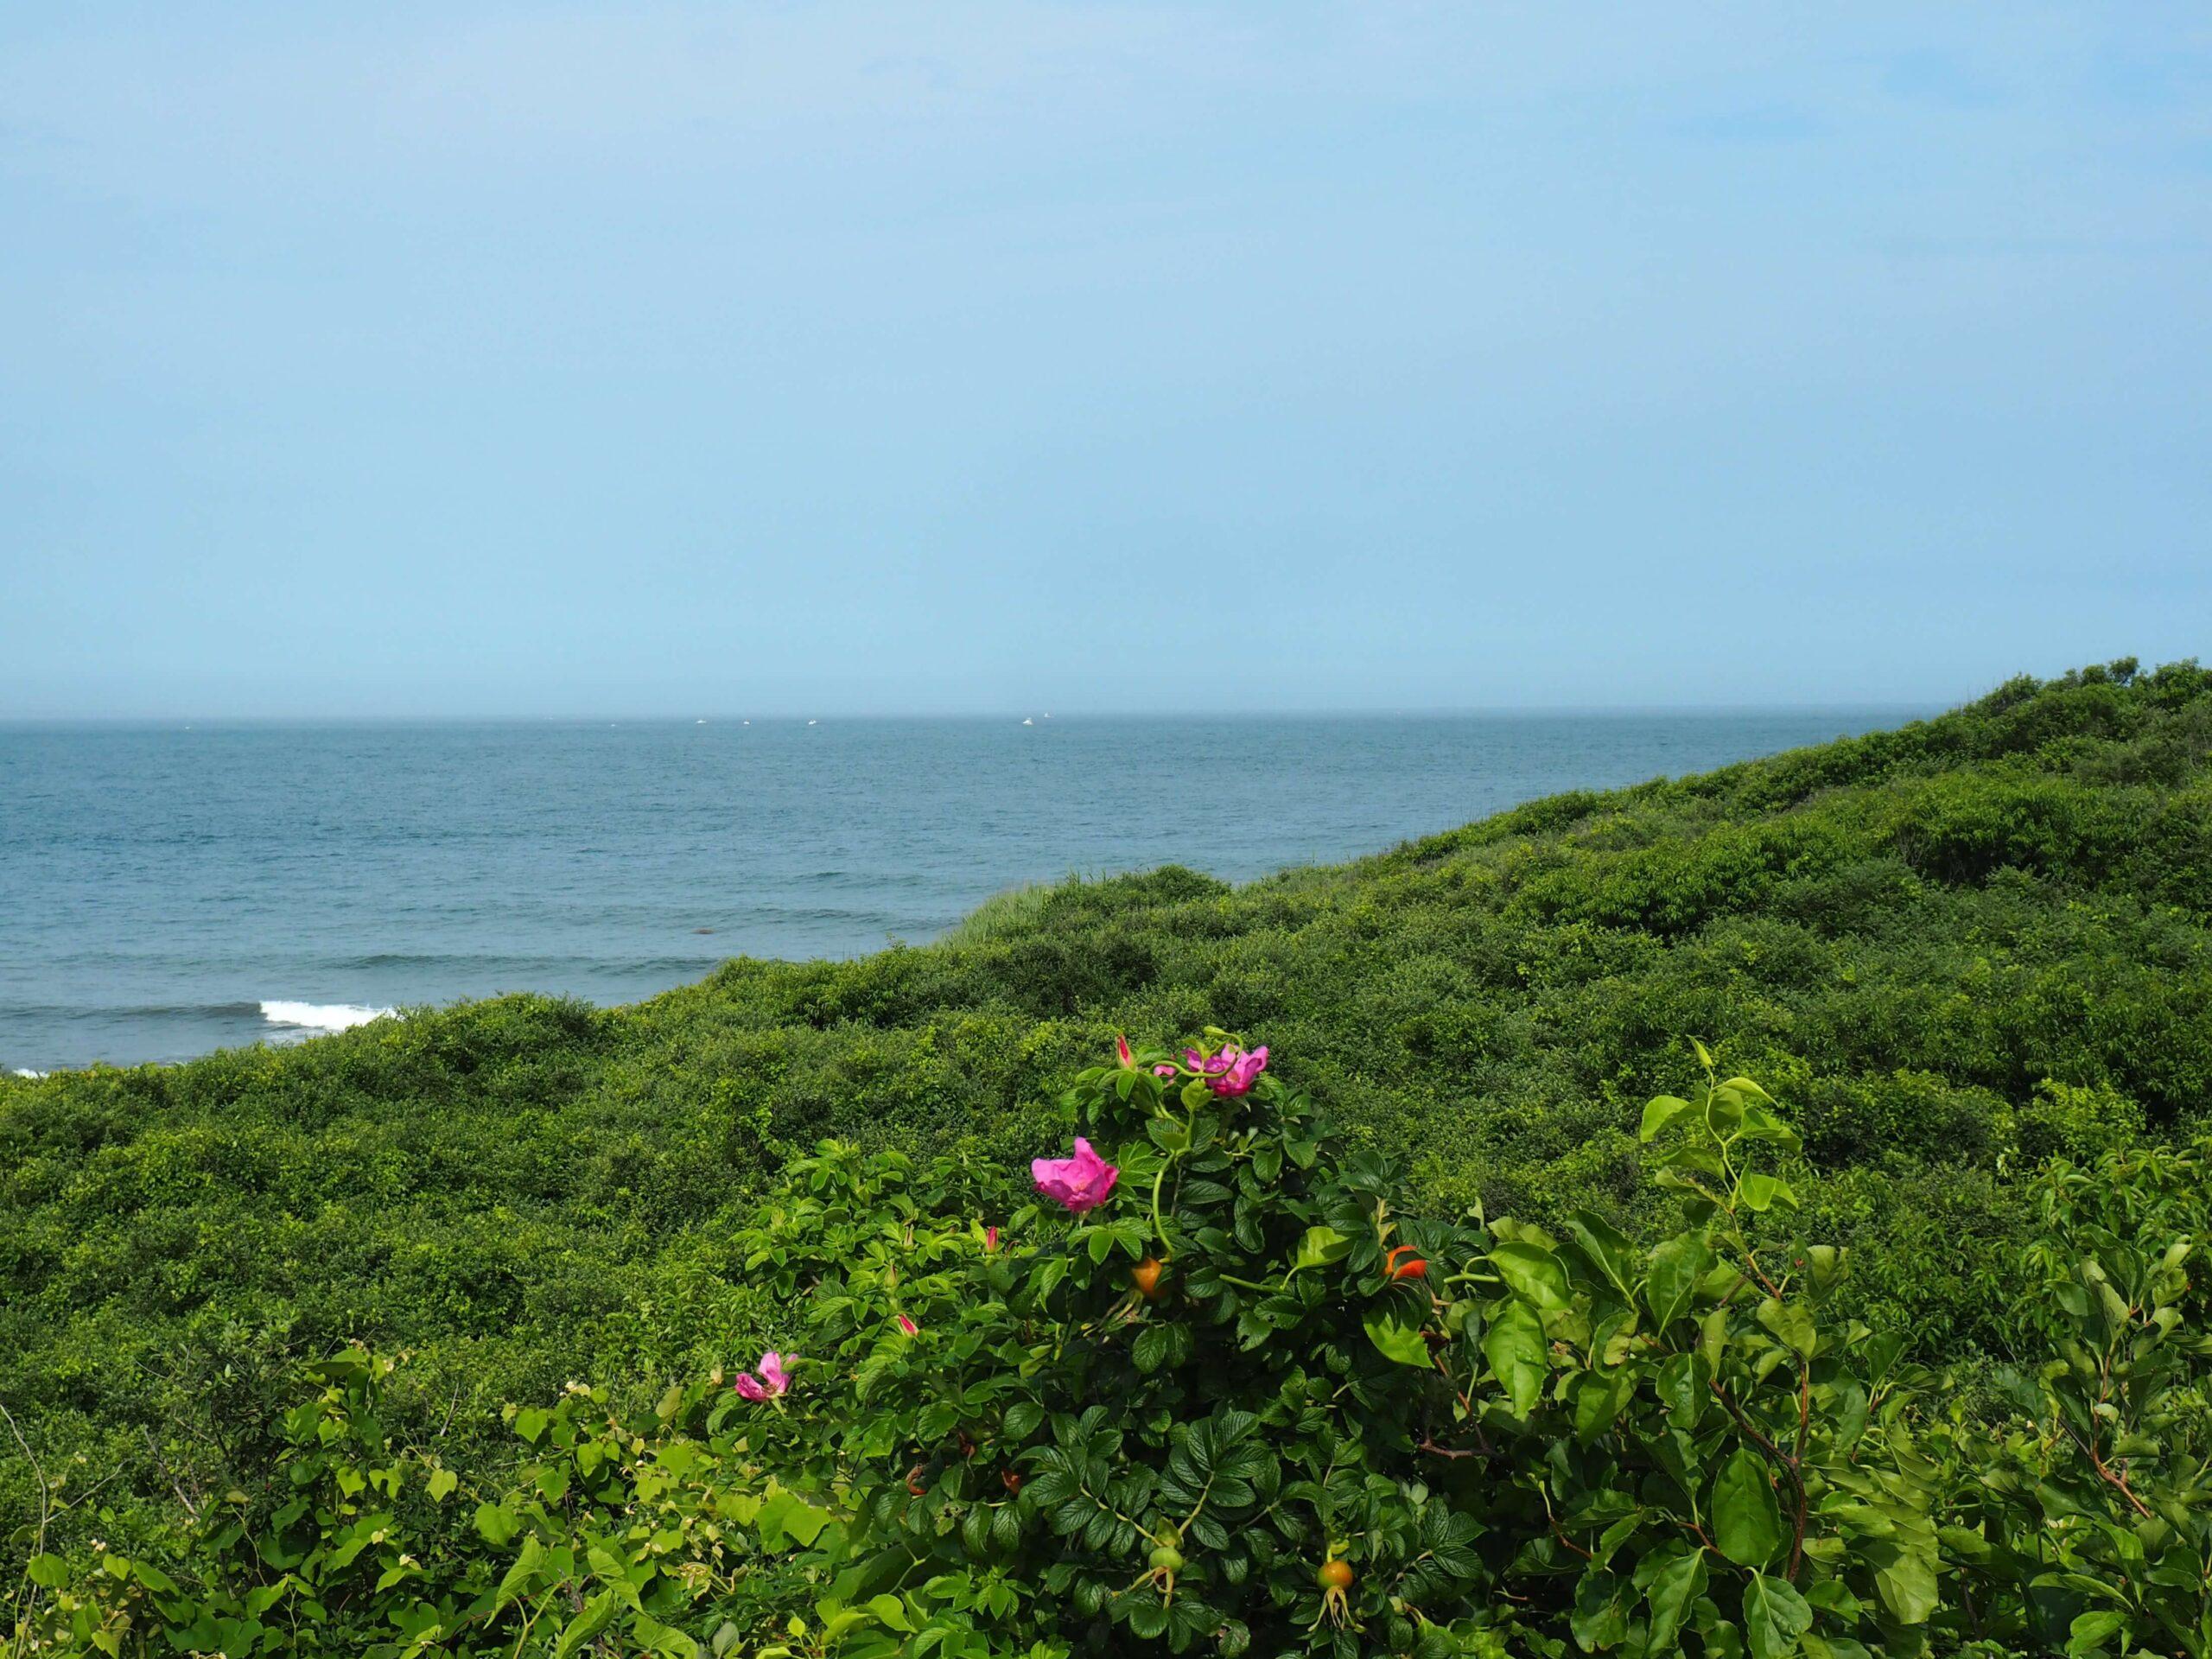 Bujna roślinność - dzikie róże i inne malownicze zielska na tle oceanu w Montauk.